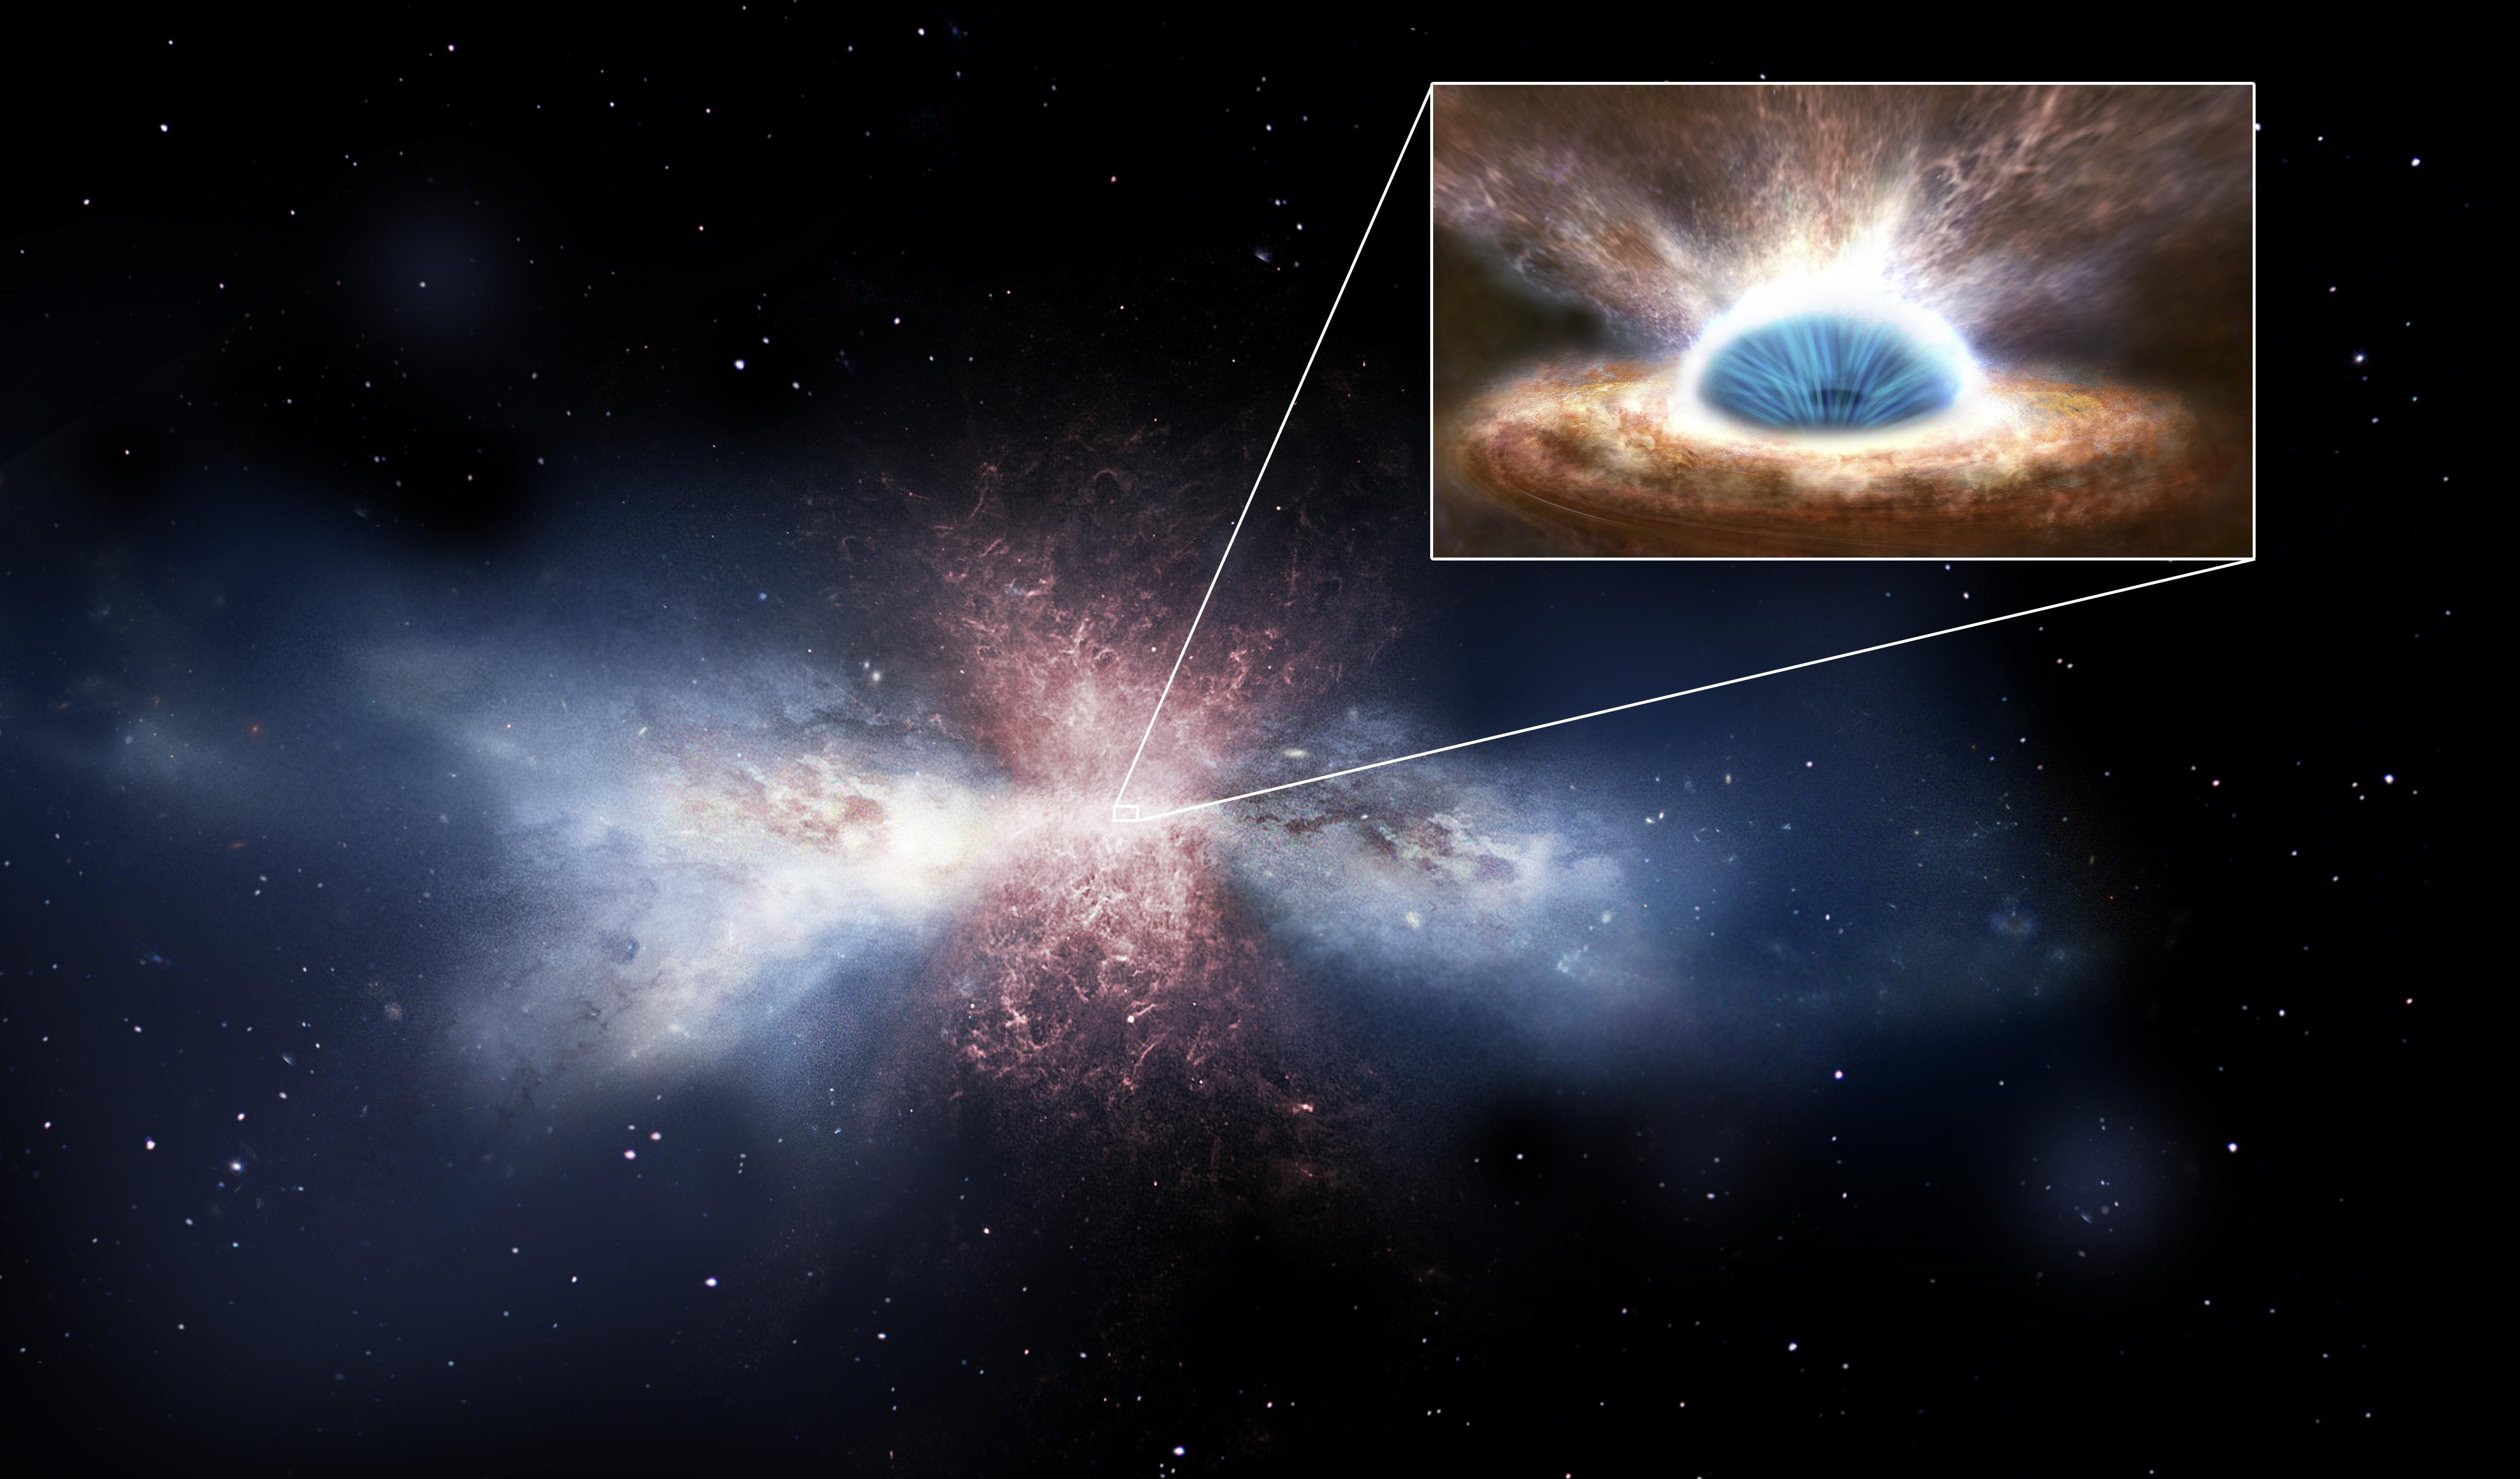 Attila il buco nero, flagello della galassia